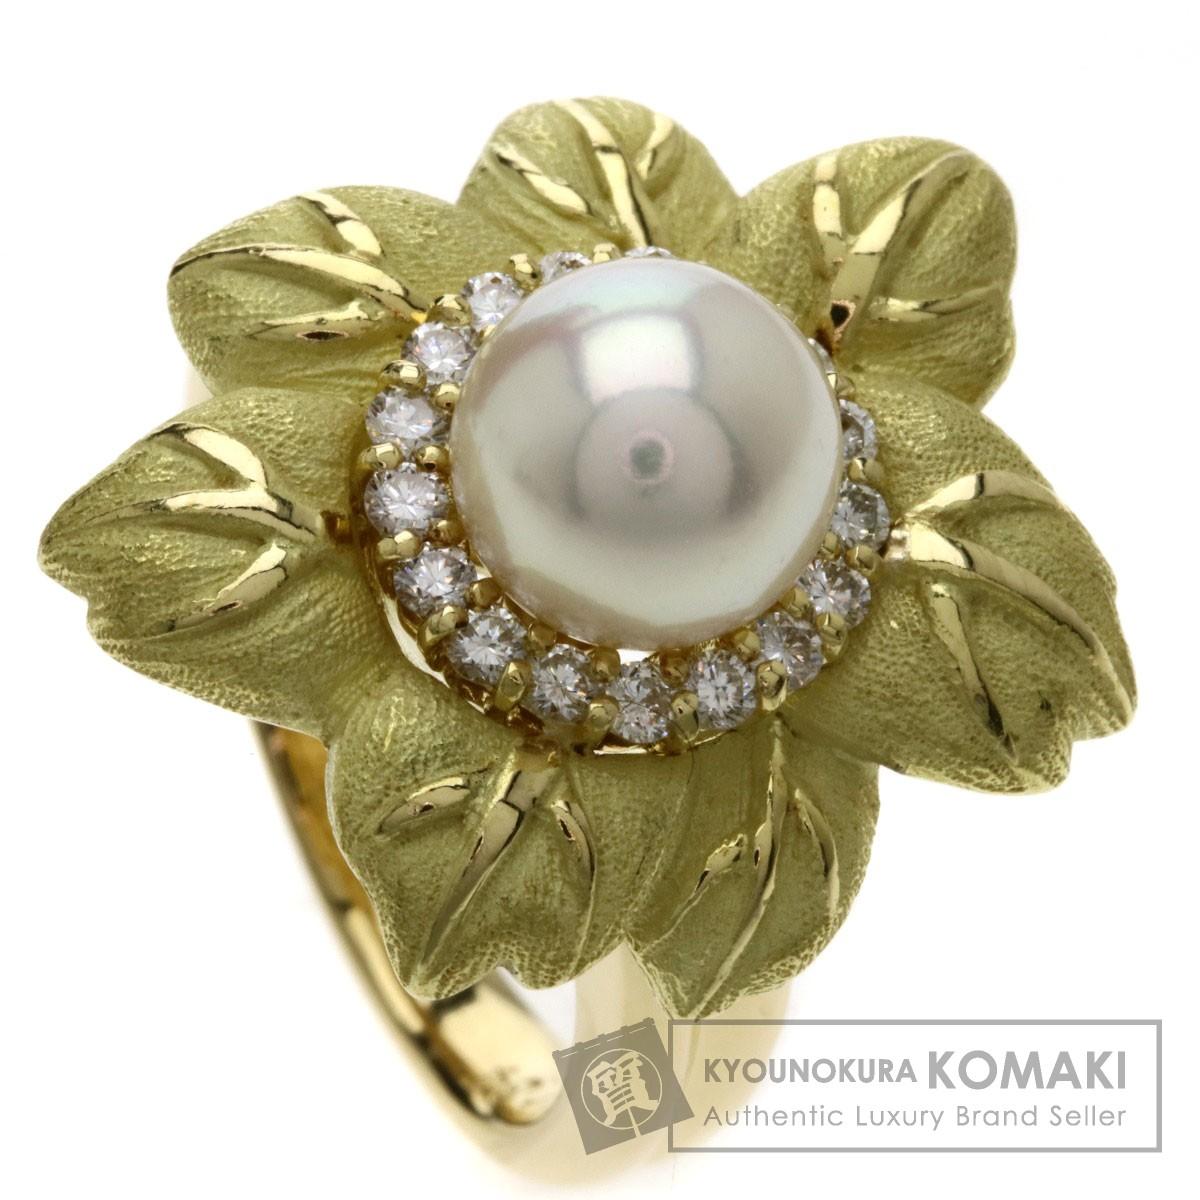 パール/真珠 ダイヤモンド リング・指輪 K18イエローゴールド 12.2g レディース 【中古】